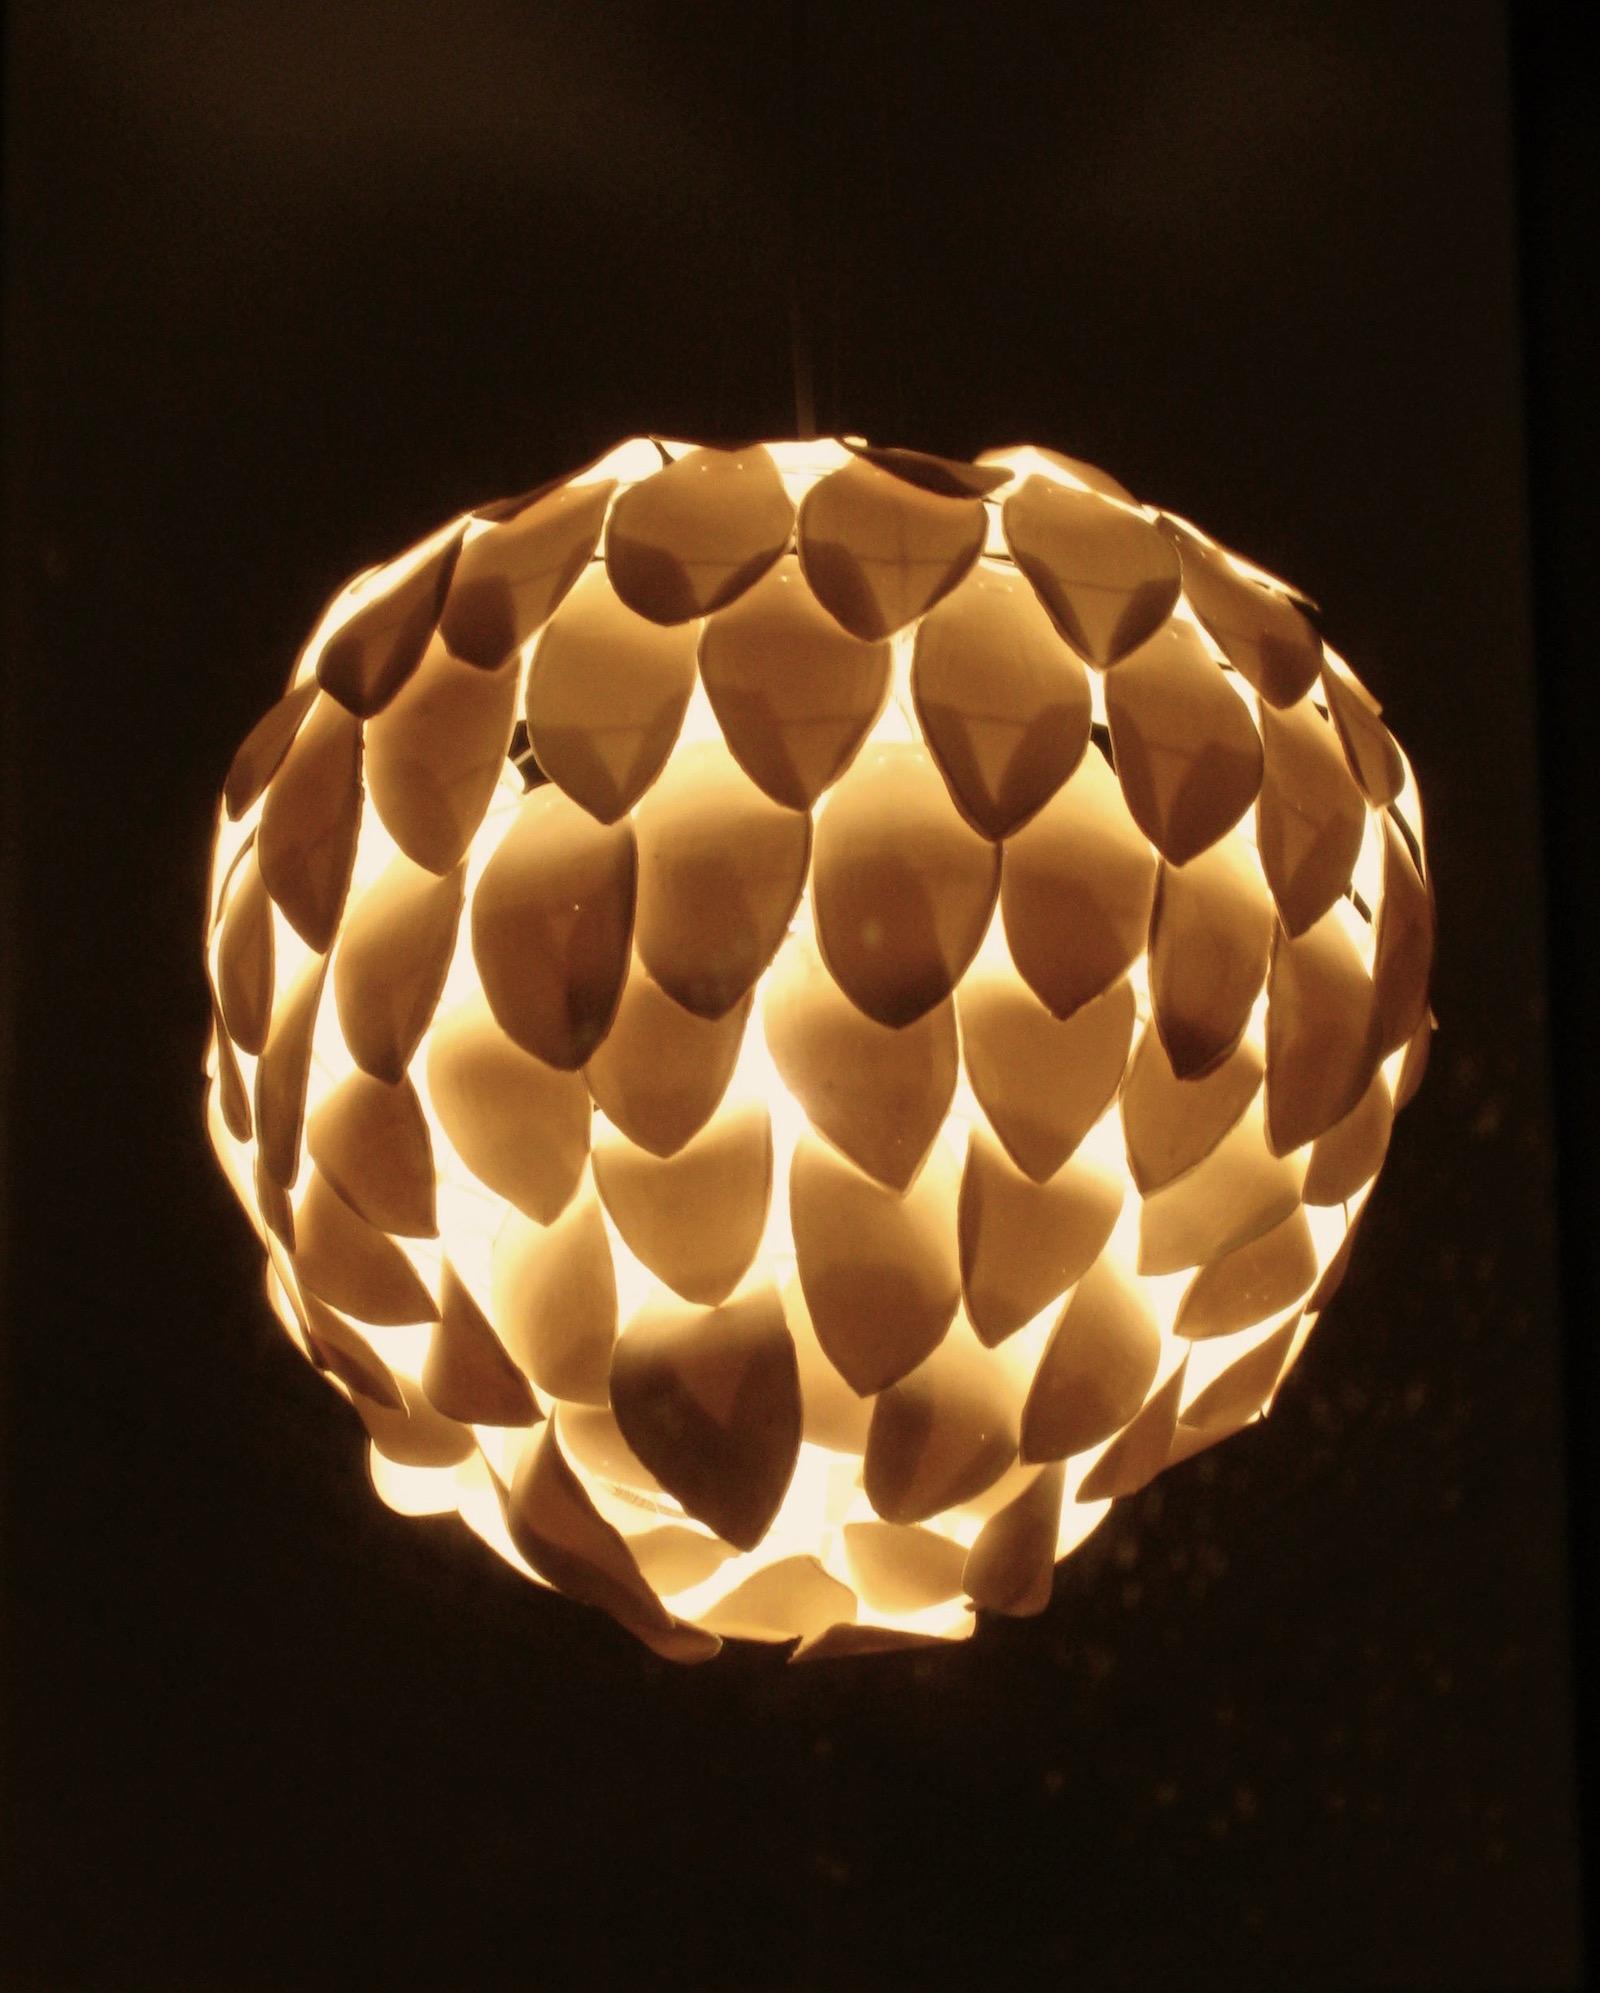 Large chandelier composed of porcelain petals lit in dark room